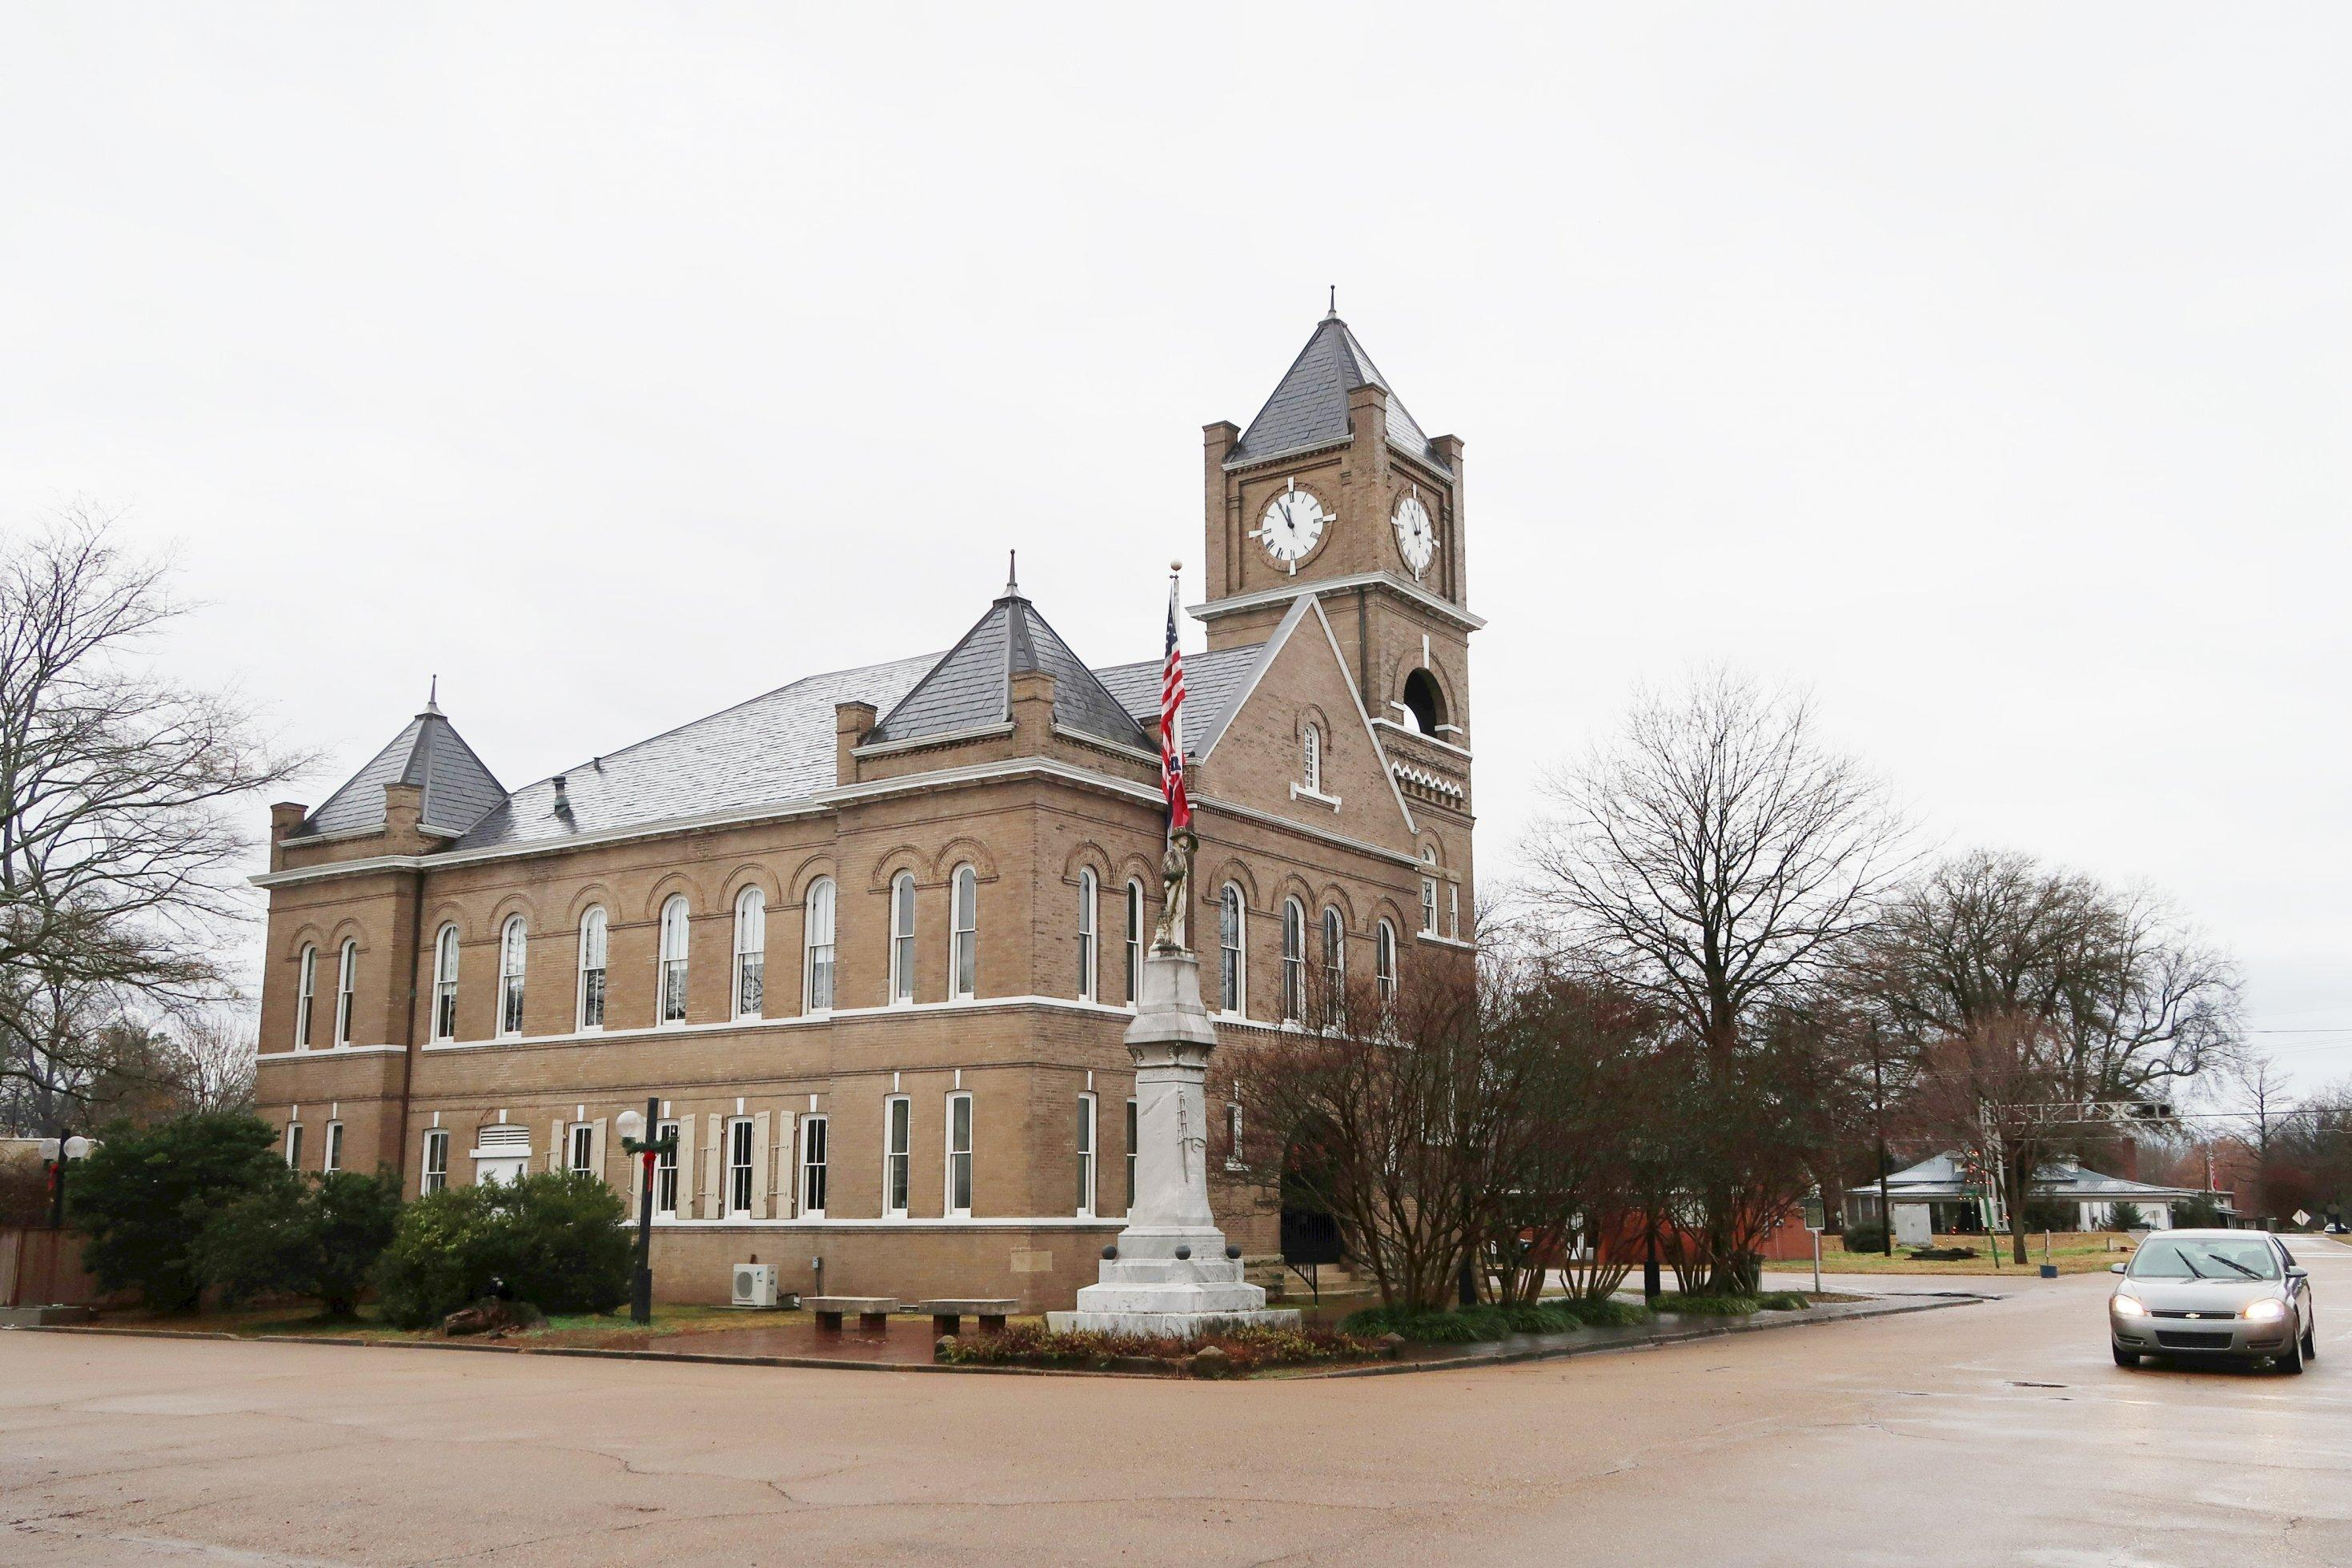 Ein Gerichtsgebäude mit Turmuhr.